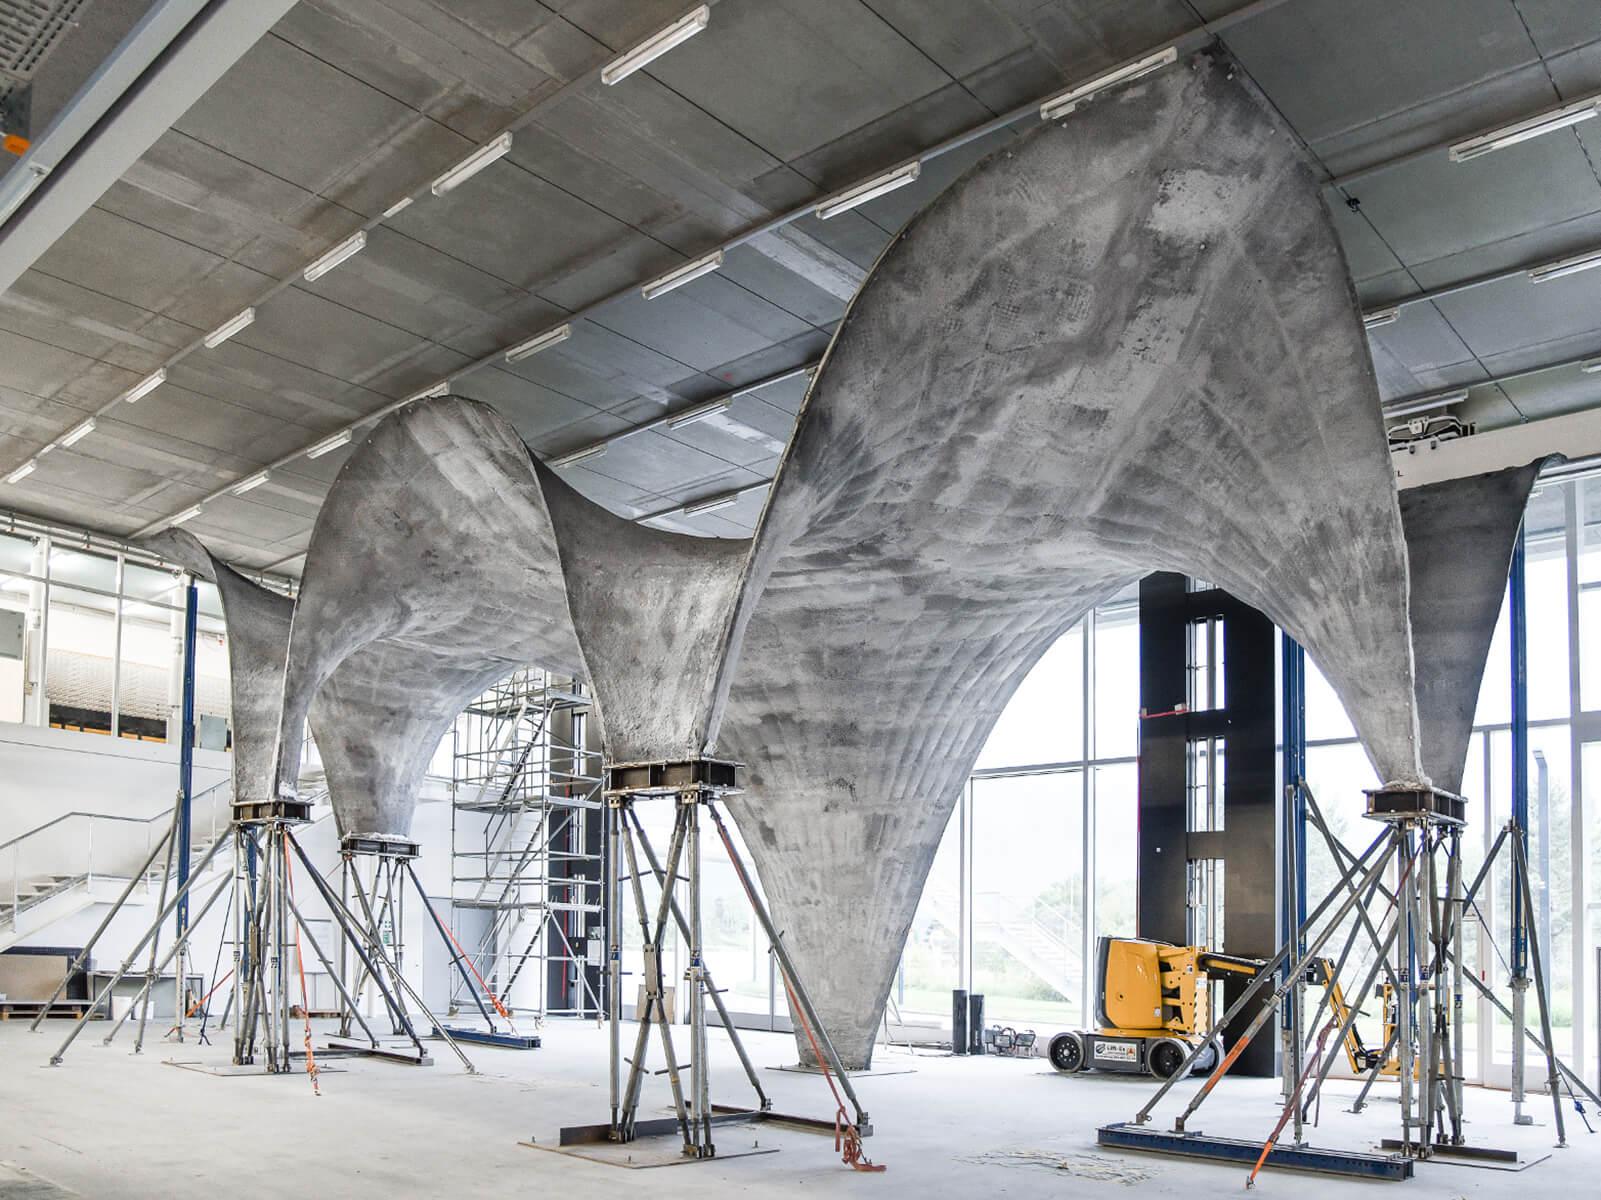 <a href='https://revistaaxxis.com.co/la-creacion-del-hormigon-ultrafino-amplia-la-creatividad-en-la-arquitectura/'><h2>La creación del hormigón ultrafino amplía la creatividad en la arquitectura</h2>Investigadores de ETH Zürich construyeron un prototipo de techo de concreto curvado ultrafino con innovadores diseños digitales y métodos de fabricación. El novedoso sistema de encofrado se utilizará en un proyecto de construcción el próximo año.</a>